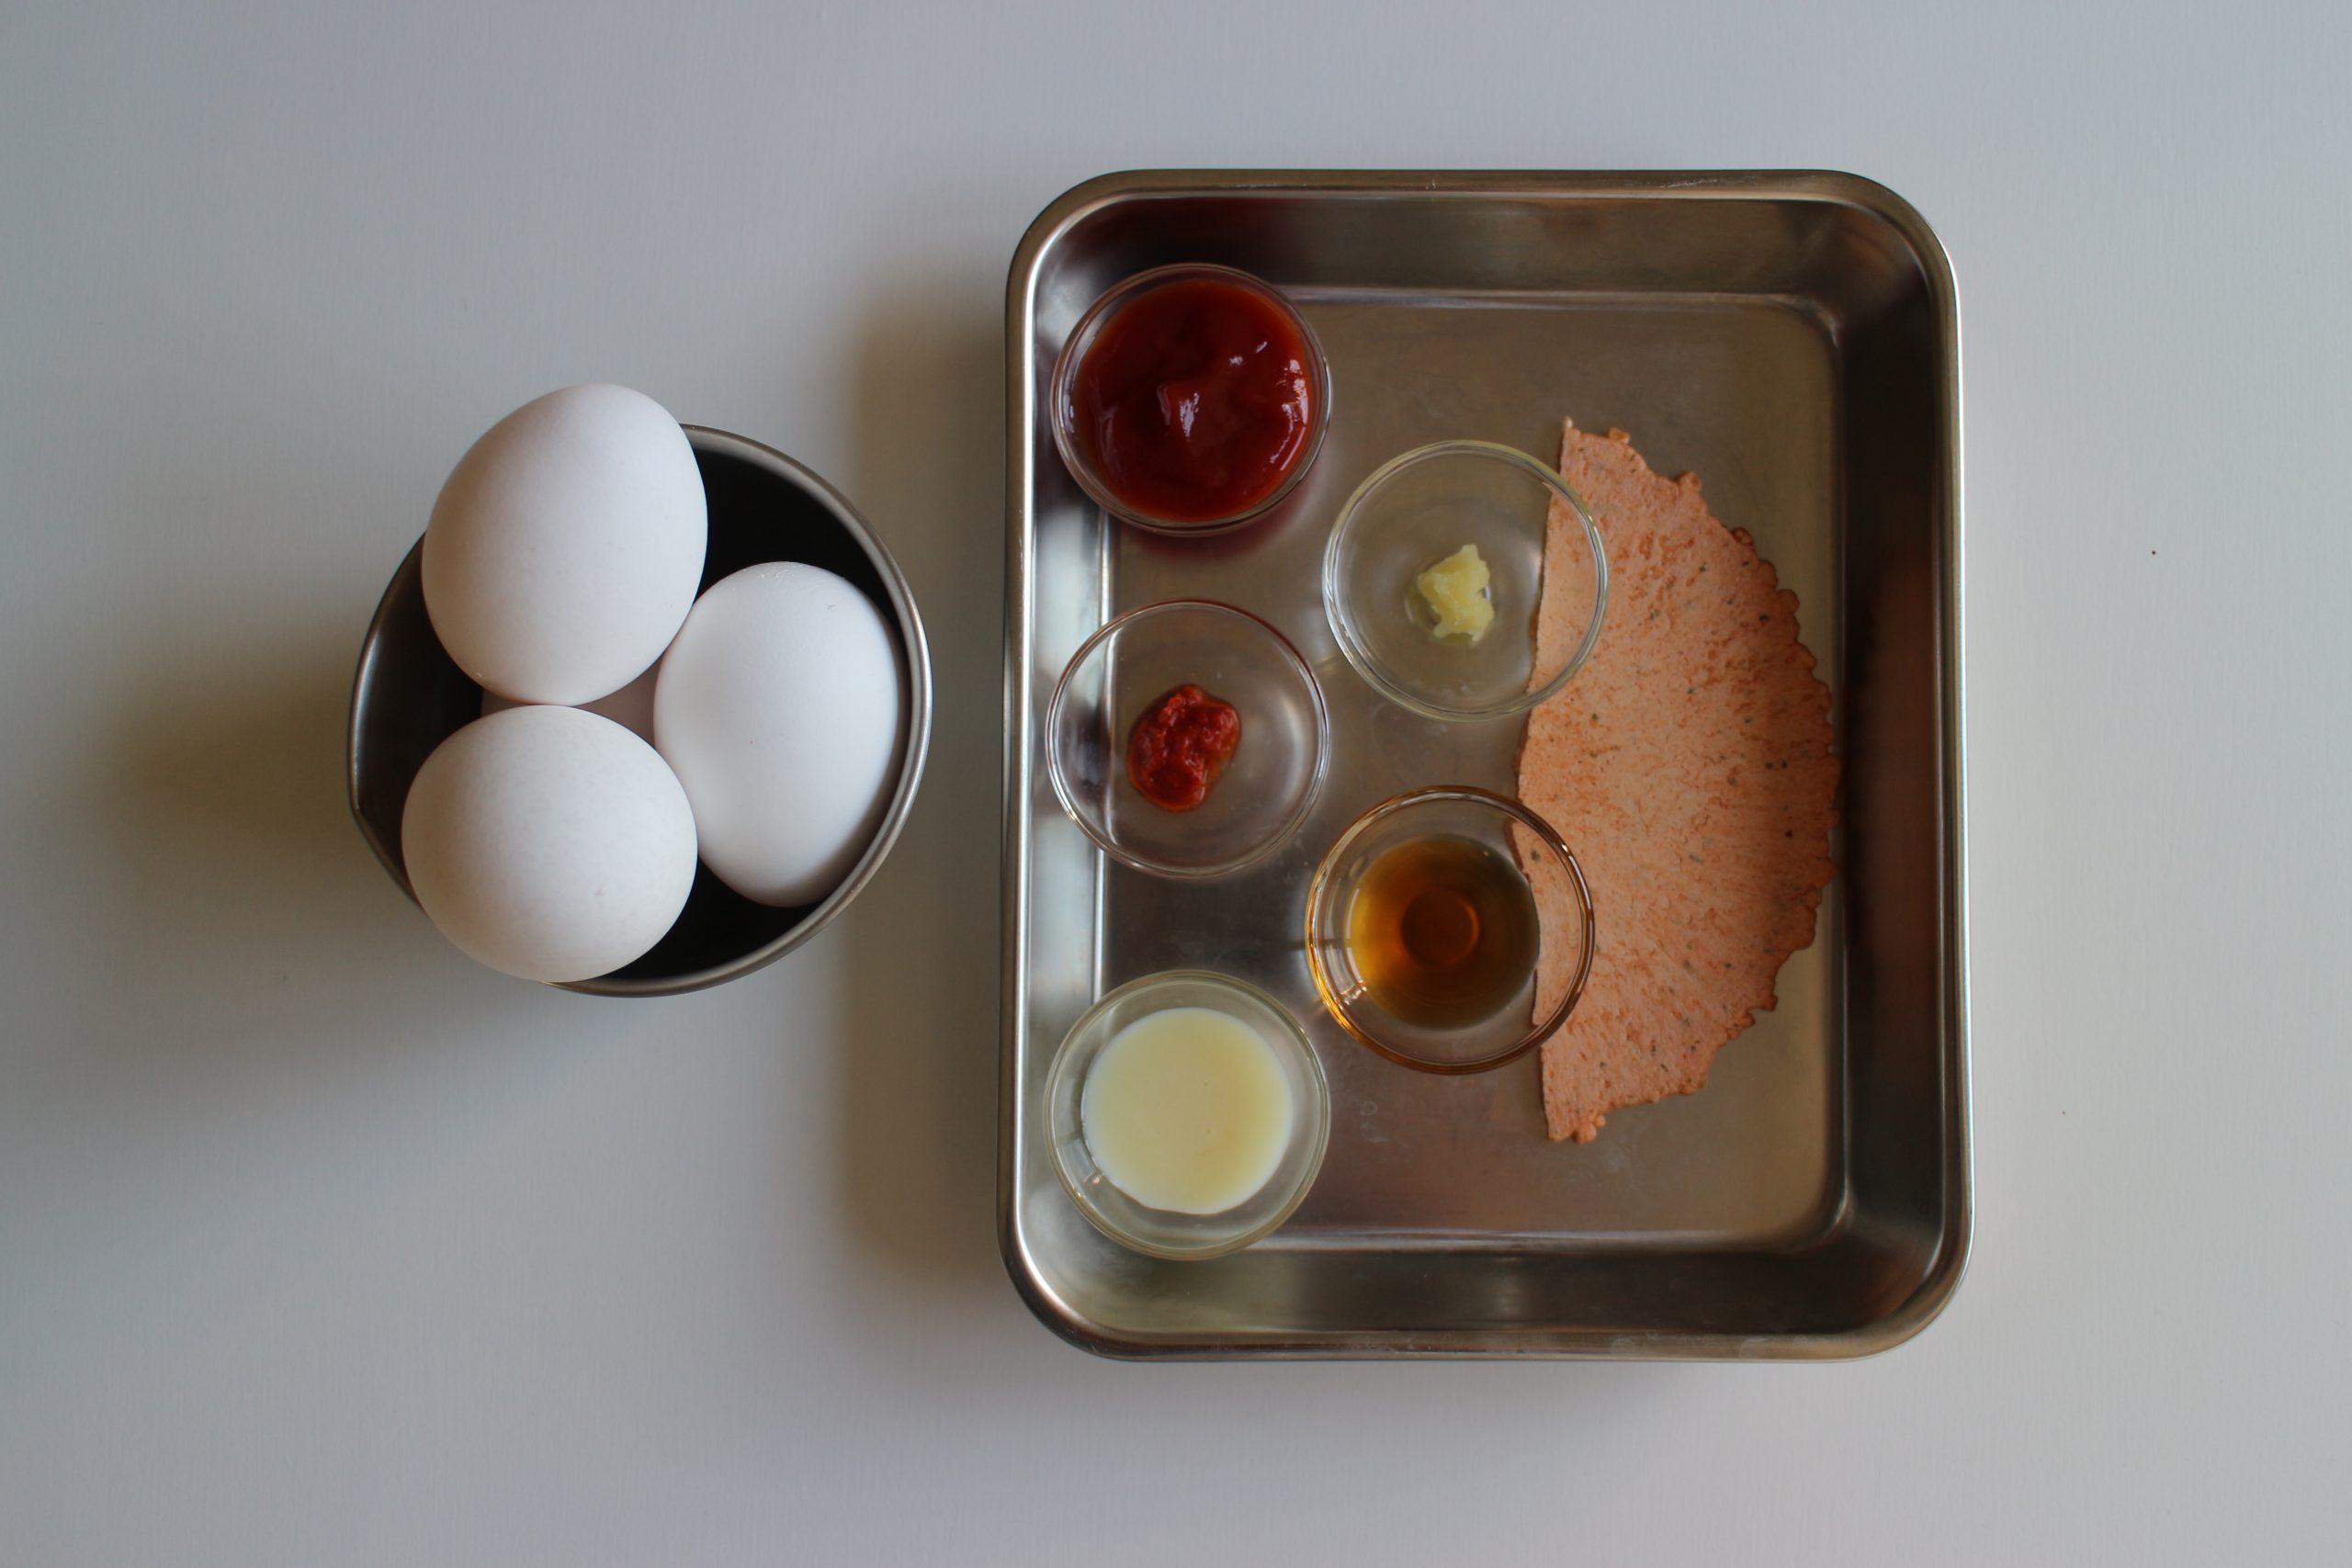 海老せんべいは細かく割っておく。 沸騰した湯に冷蔵庫から出したたまごをそっと加えて、9分茹でる。 (時々まぜる)